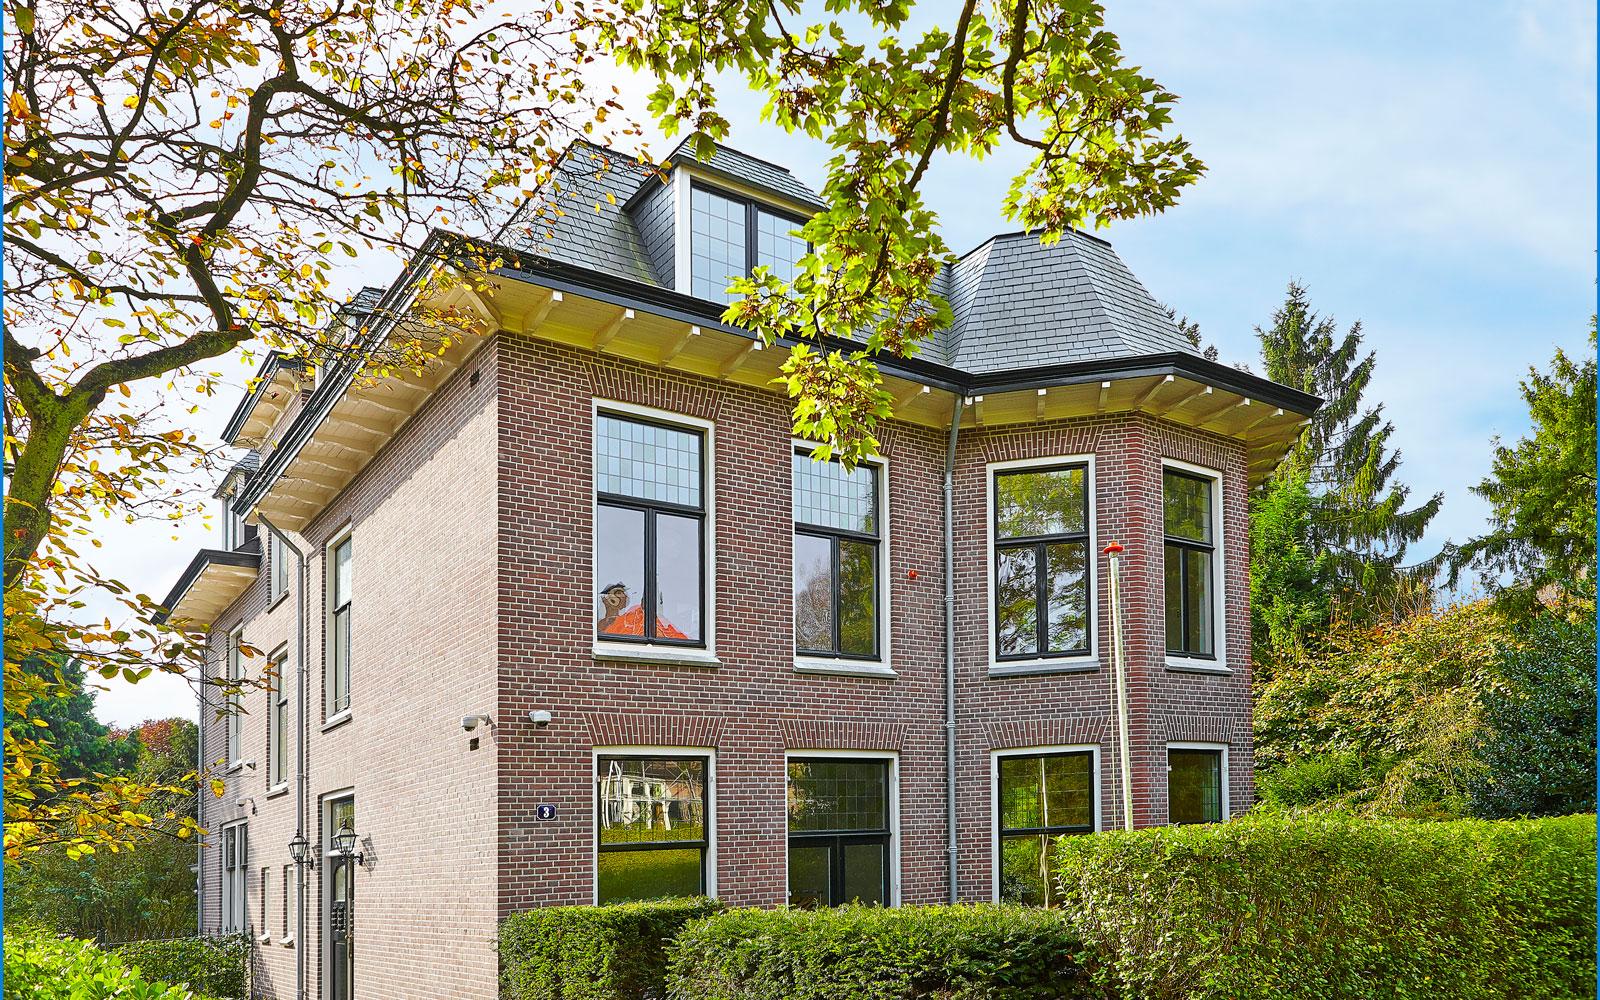 Vooroorlogse villa Monumentaal 1911 Burgemeesterwijk Anrhem